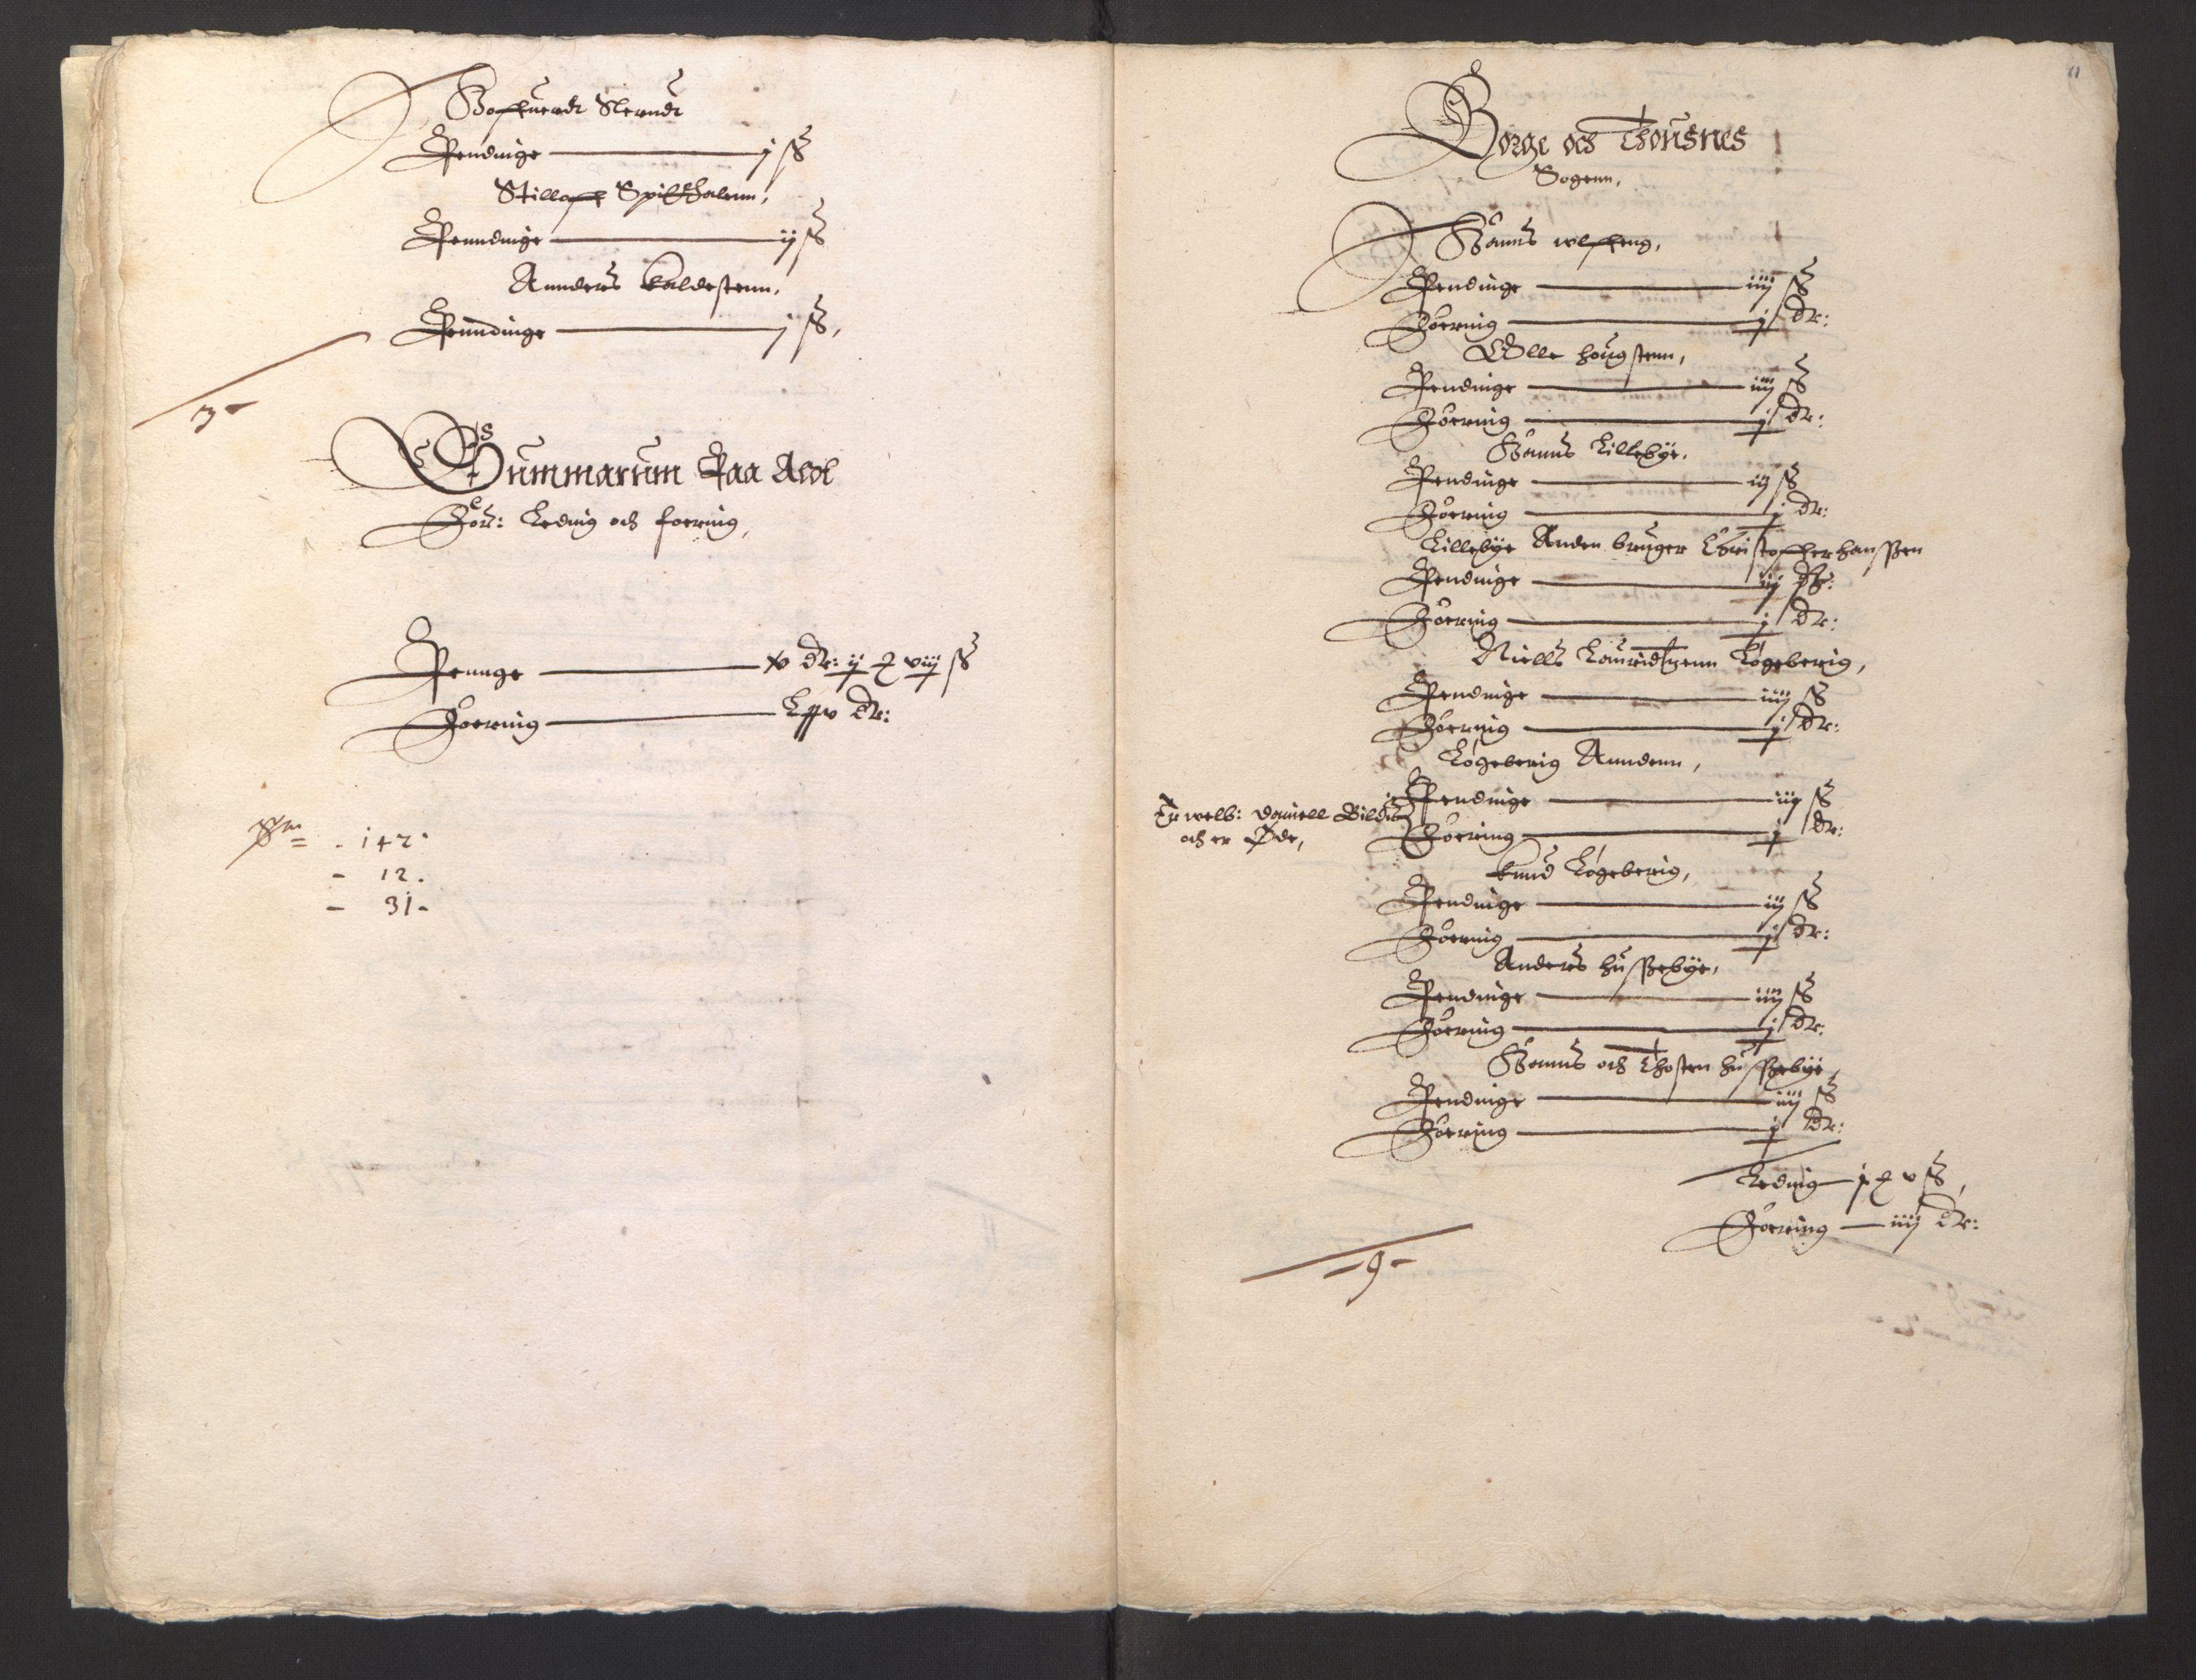 RA, Stattholderembetet 1572-1771, Ek/L0001: Jordebøker før 1624 og til utligning av garnisonsskatt 1624-1626:, 1624-1625, s. 214